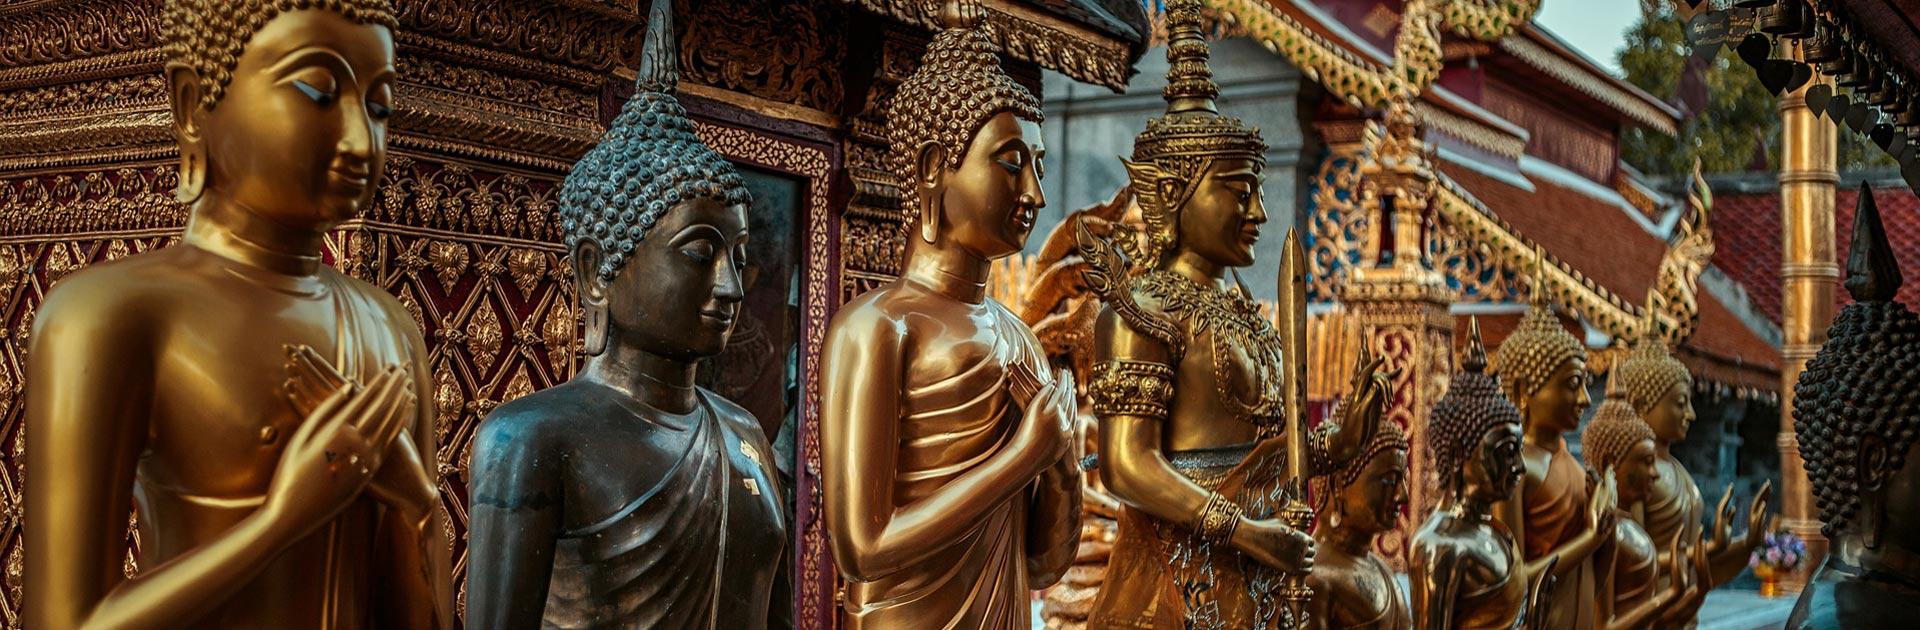 TH Descubriendo el Norte de Tailandia 10 días 2